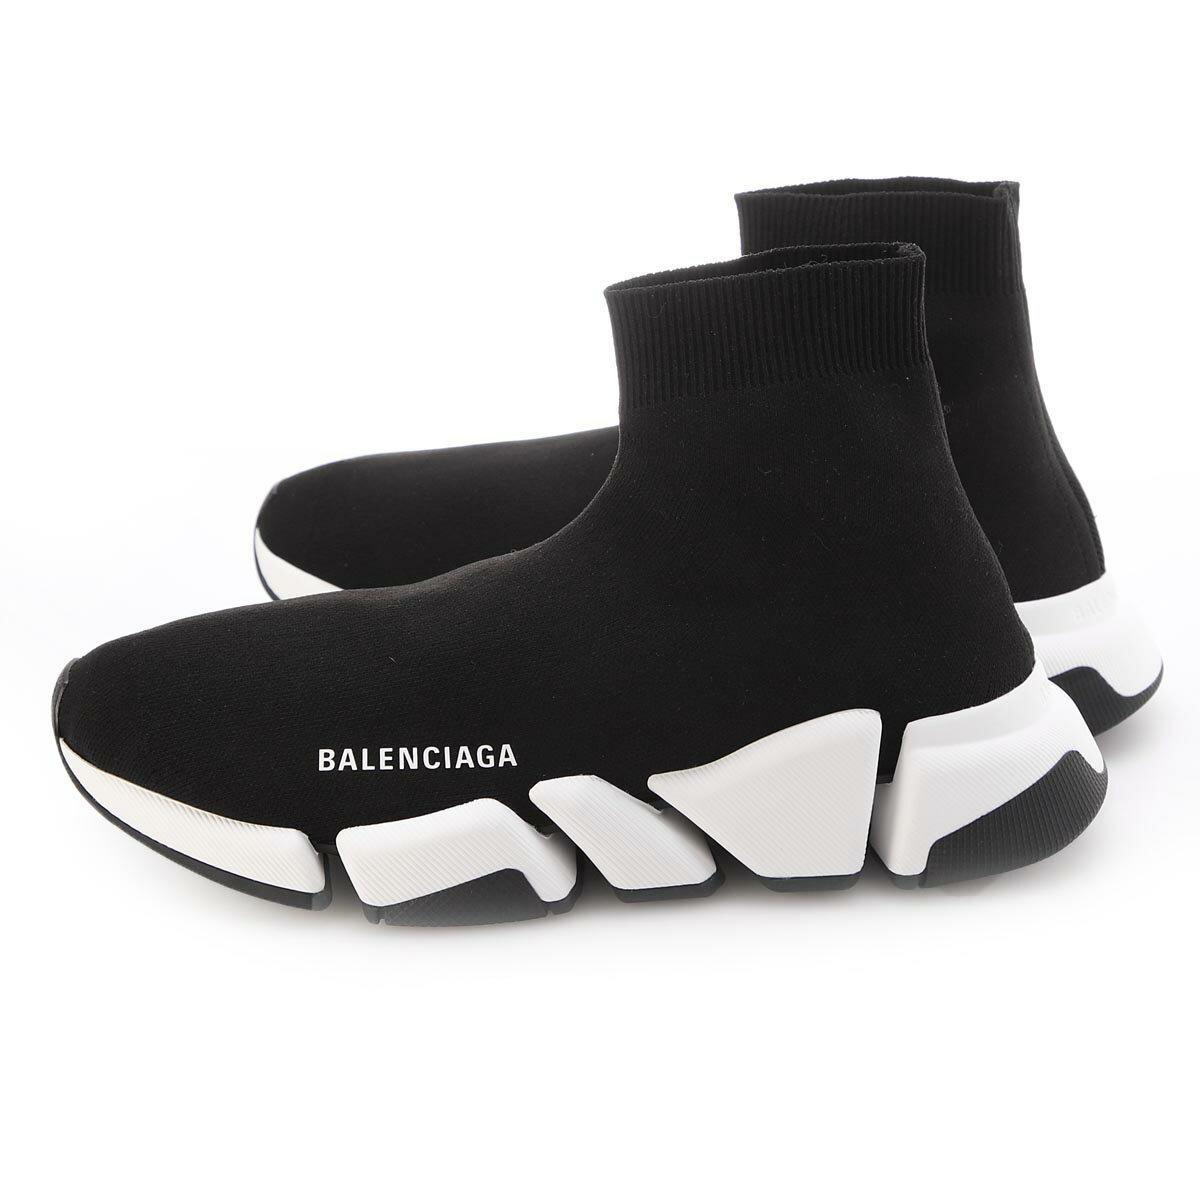 レディース靴, スニーカー  BALENCIAGA 617196 w1702 1015 SPEED 2.0